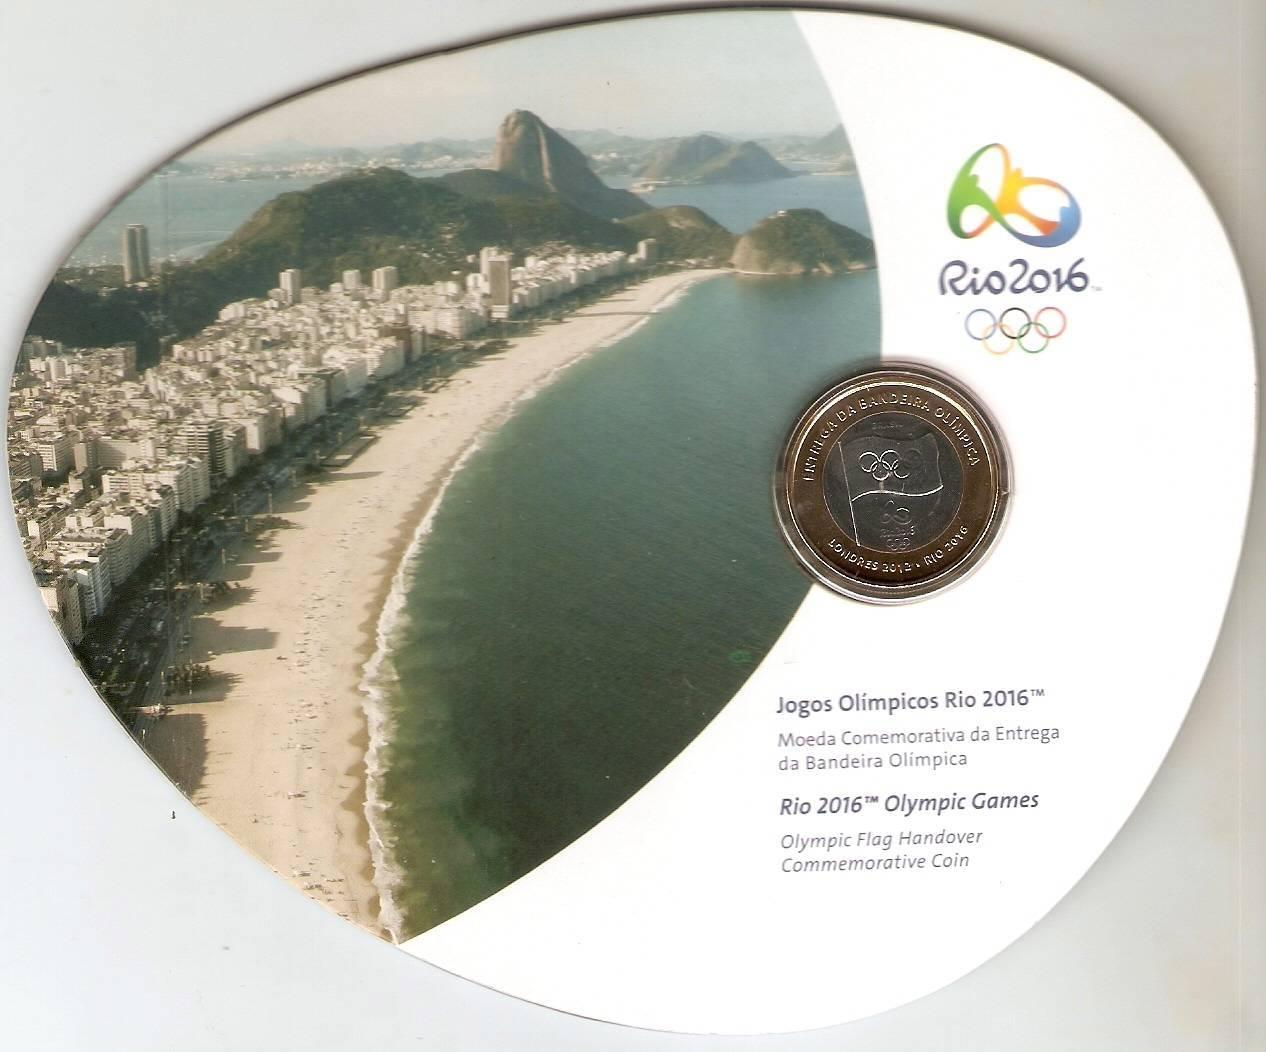 Cartela com a Moeda Comemorativa a entrega da bandeira Olímpica.. - Numismática Vieira